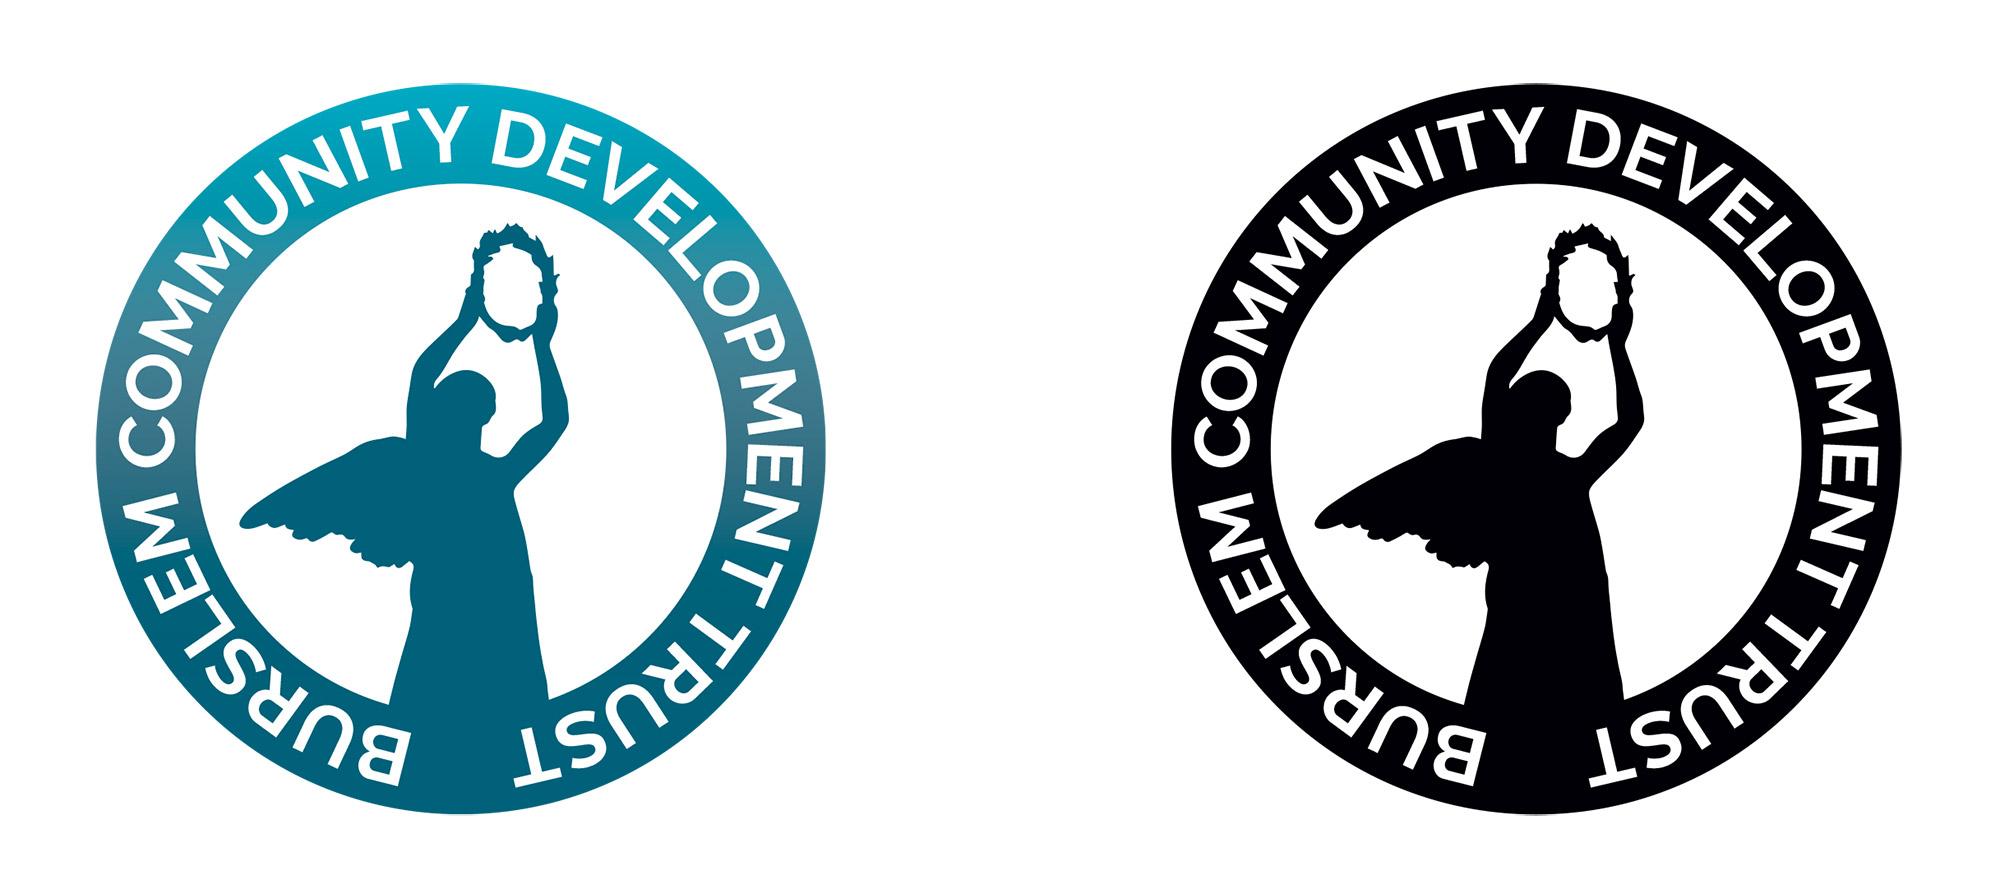 Burslem Community Development Trust logo design branding